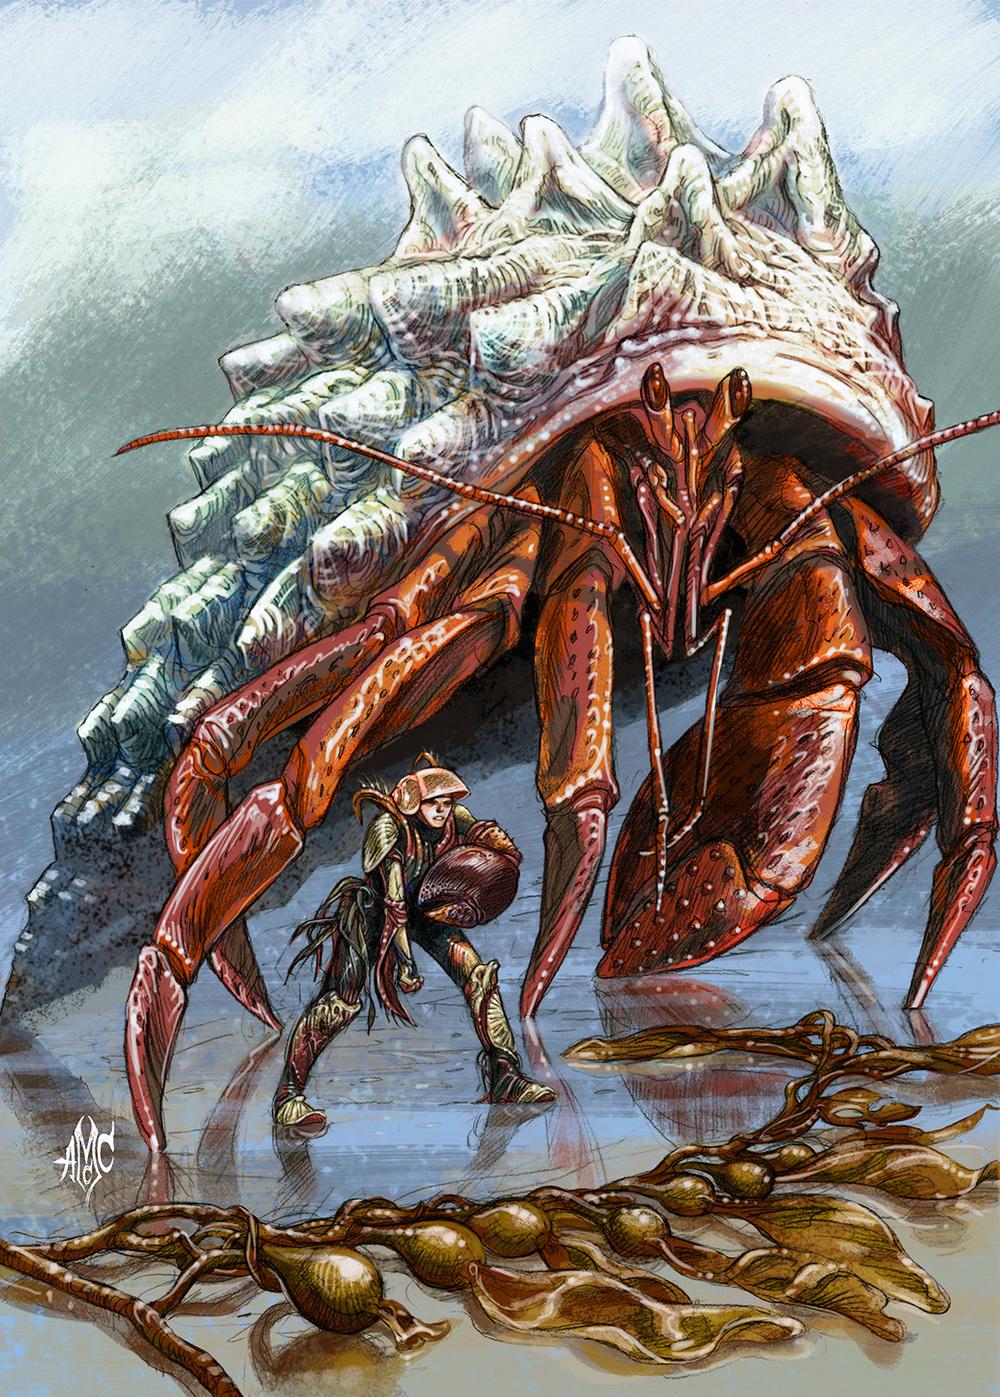 03_Aaron_McConnell_CrustaceanAgent.jpg